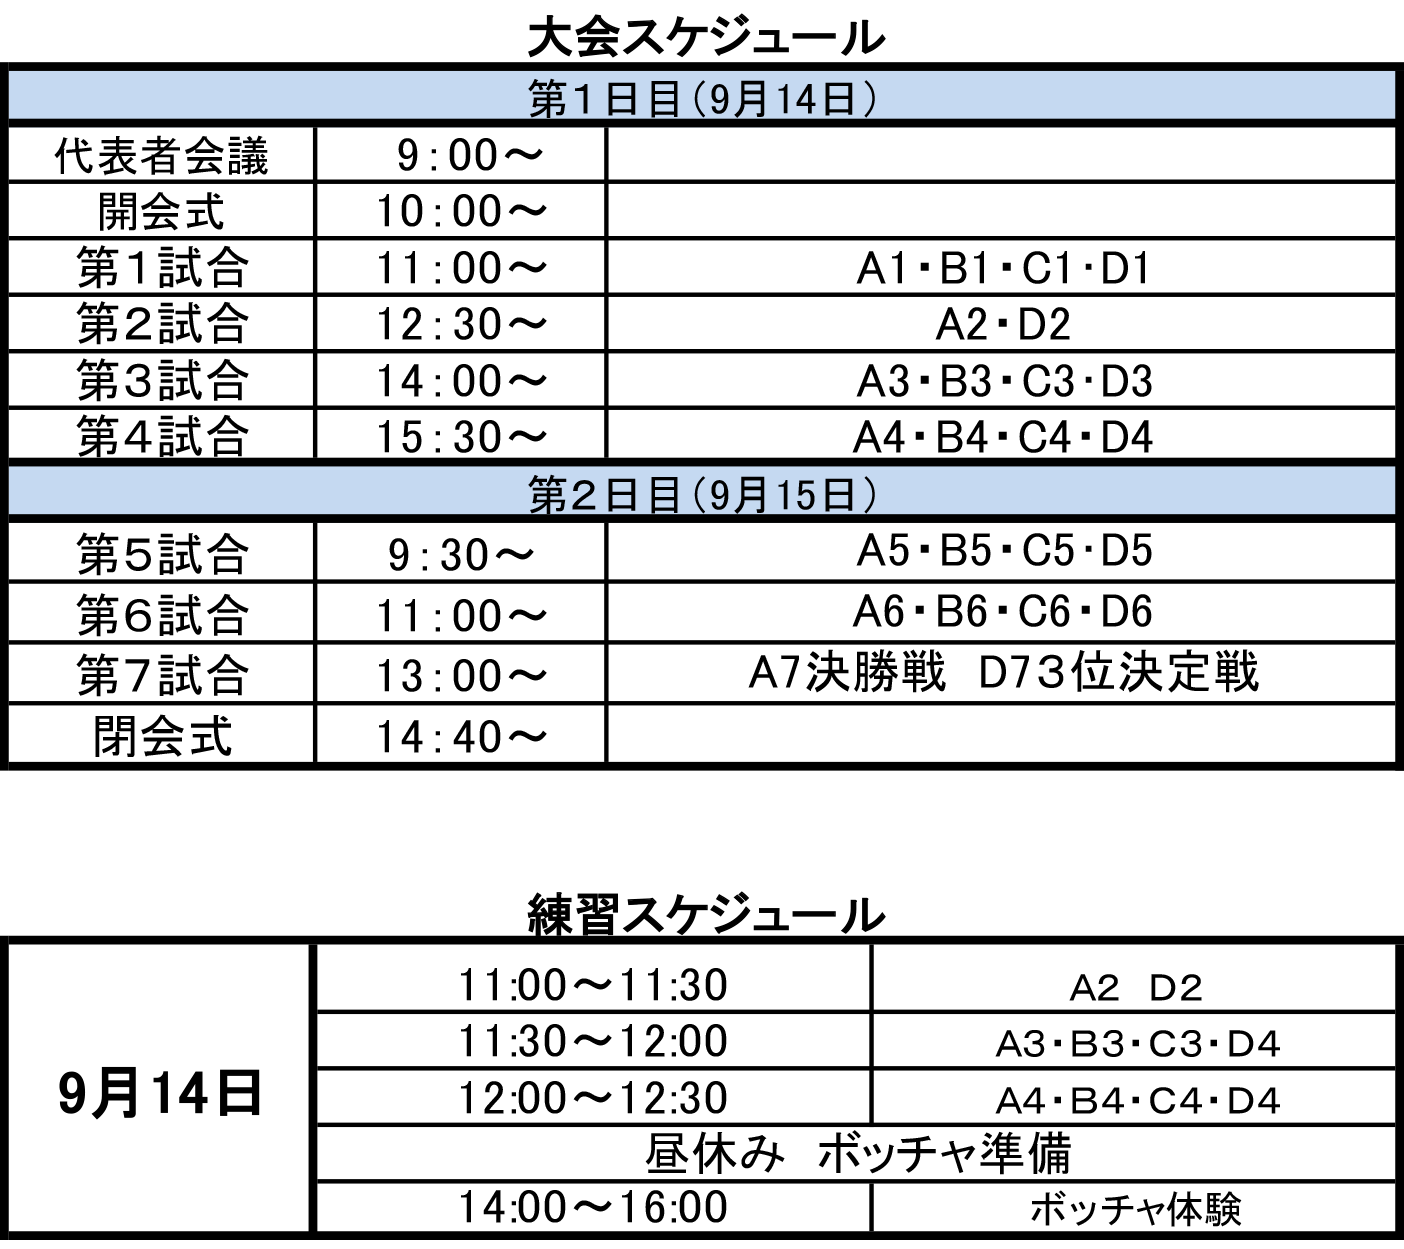 2019年度 第30回 日本選抜車椅子バスケットボール選手権大会 - スケジュール